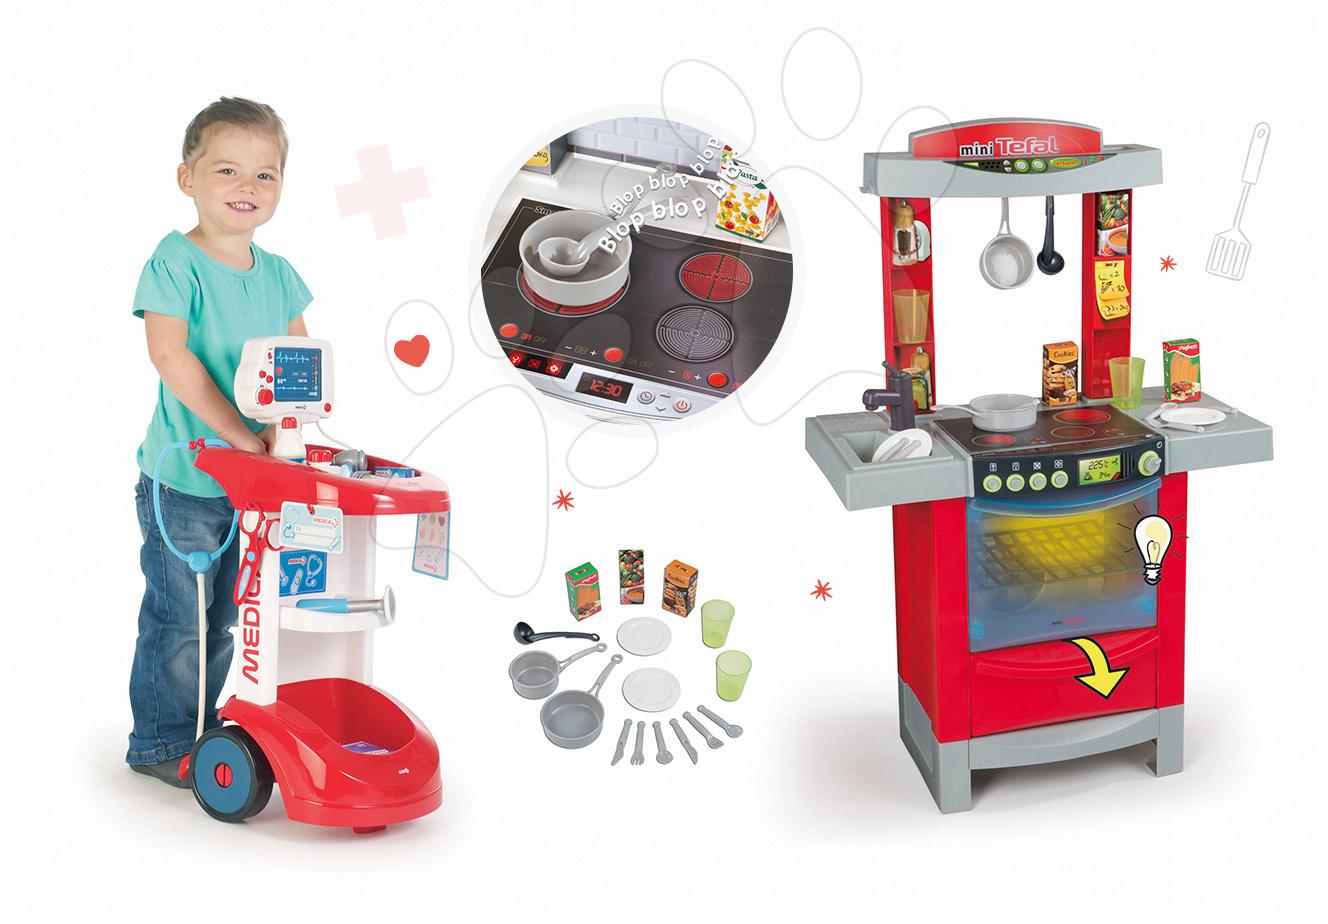 Set lékařský vozík zvukový Smoby s tlakoměrem, elektronická kuchyňka Cook'Tronic Tefal